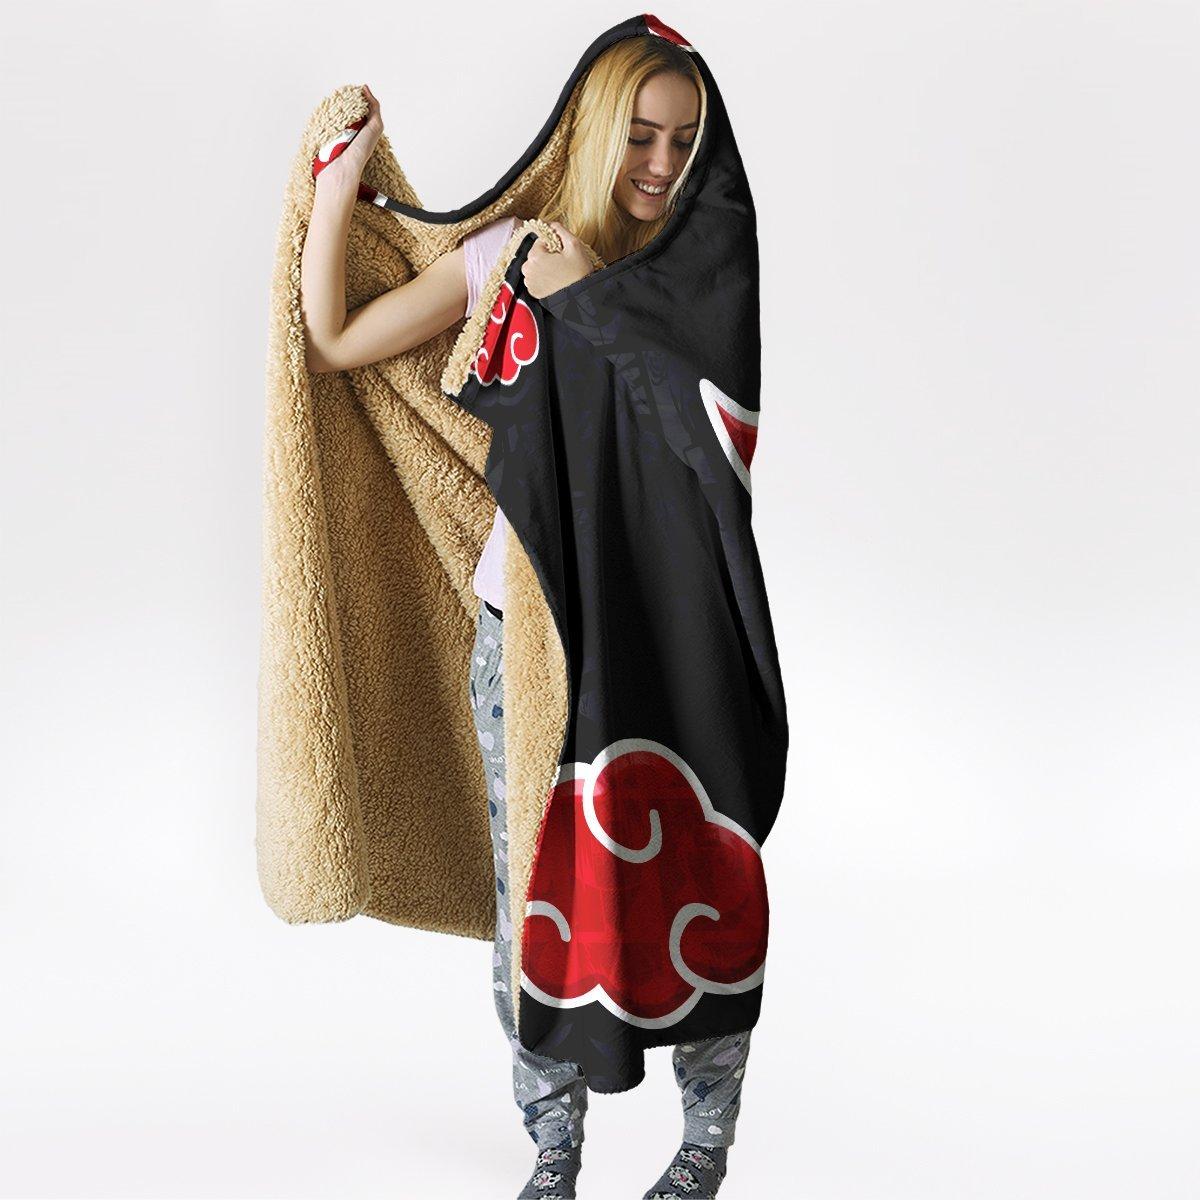 akatsuki gang hooded blanket 602199 - Otaku Treat